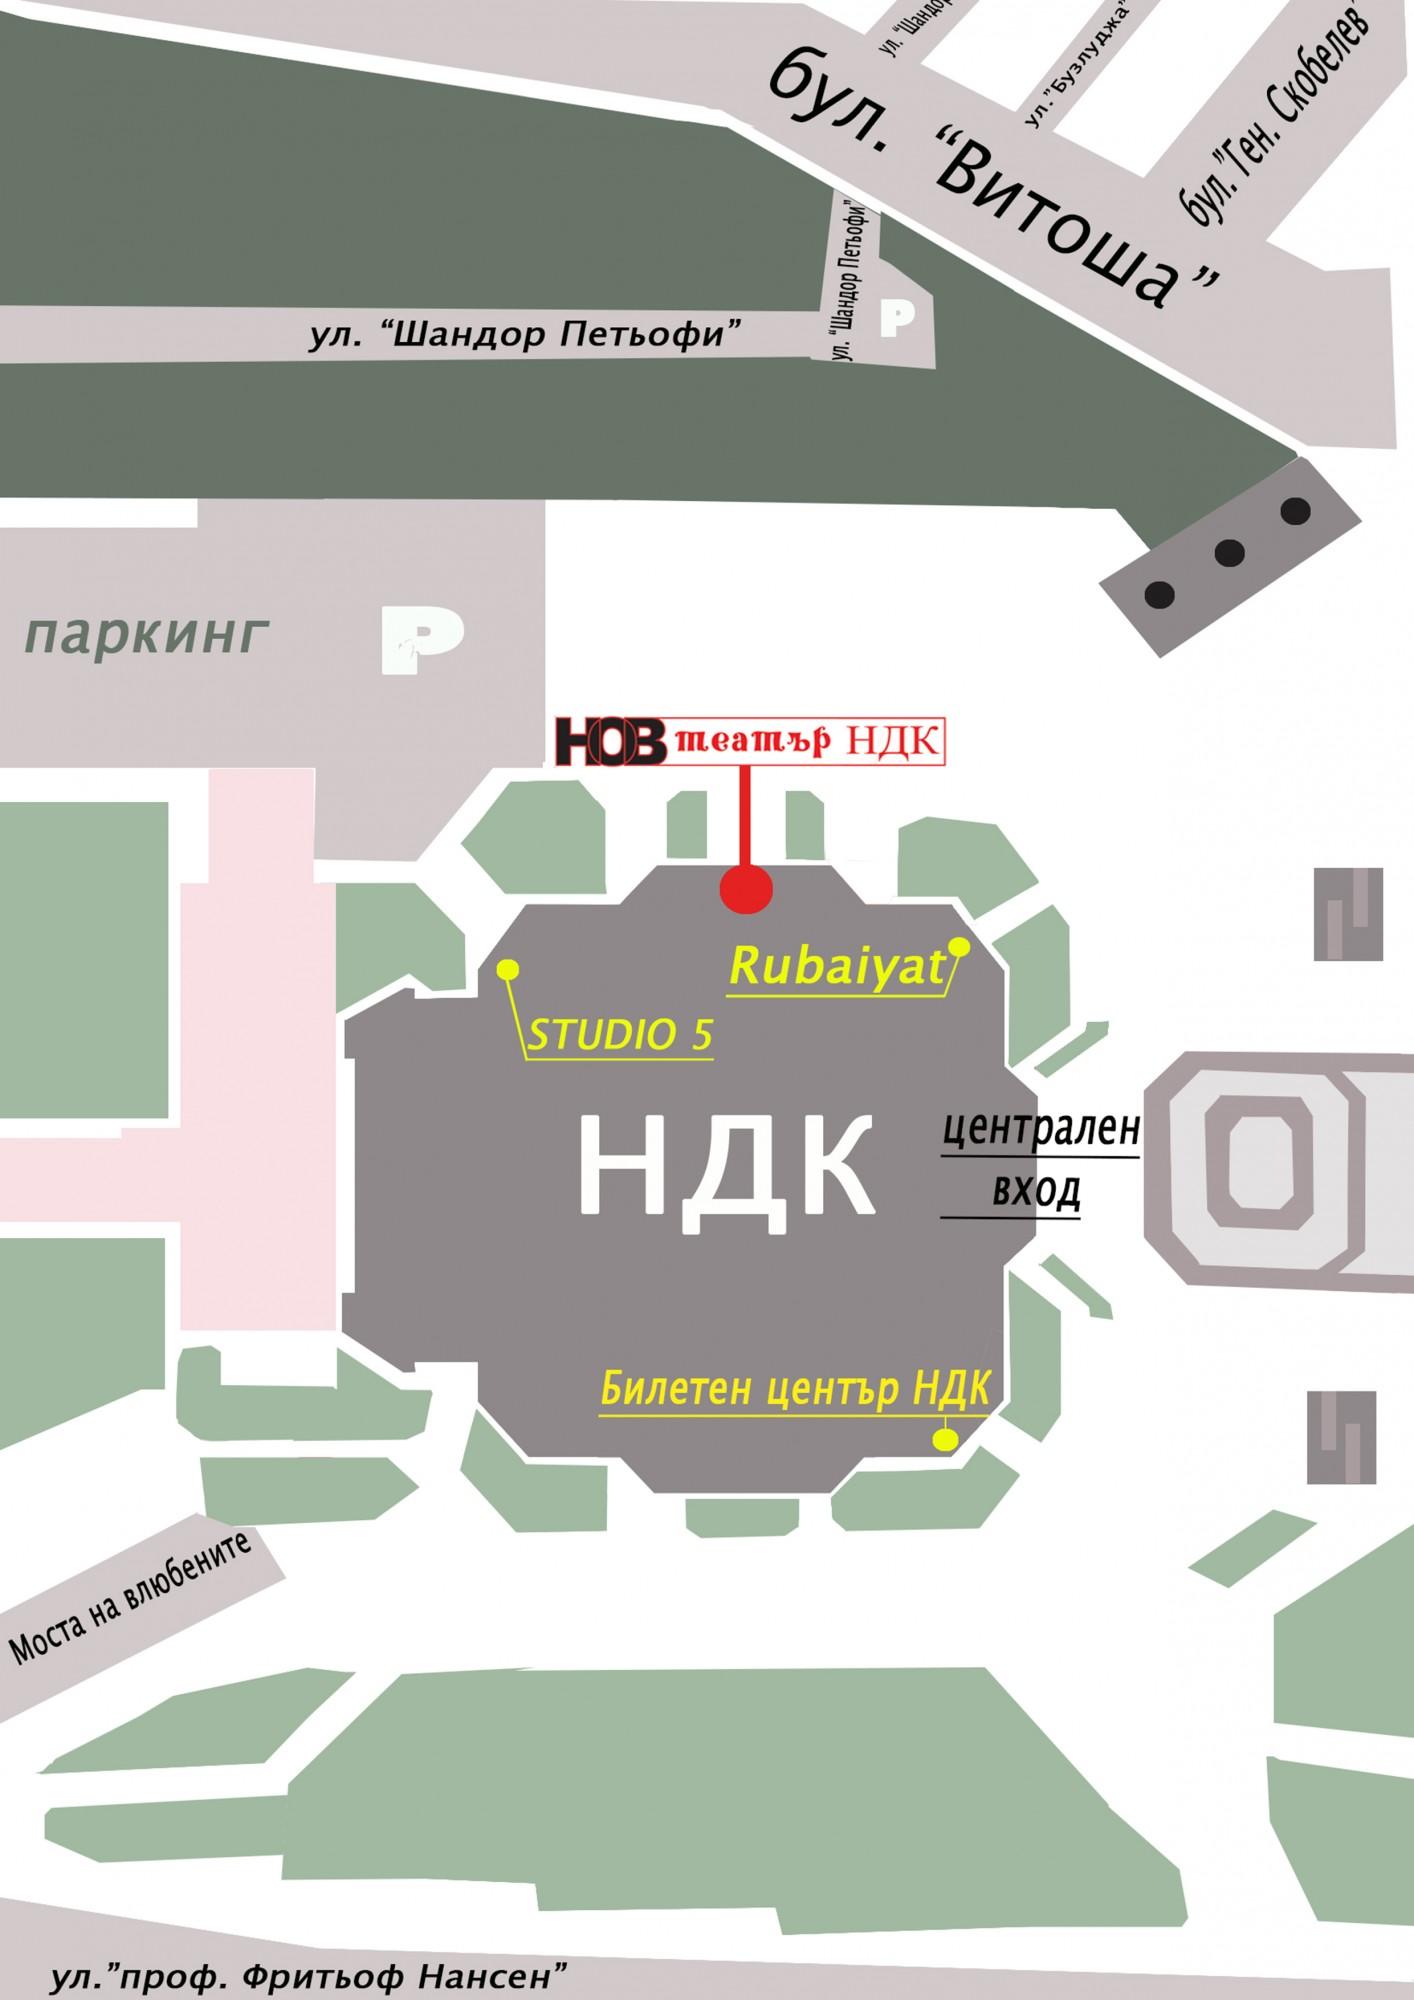 Kontakti Nov Teatr Ndk